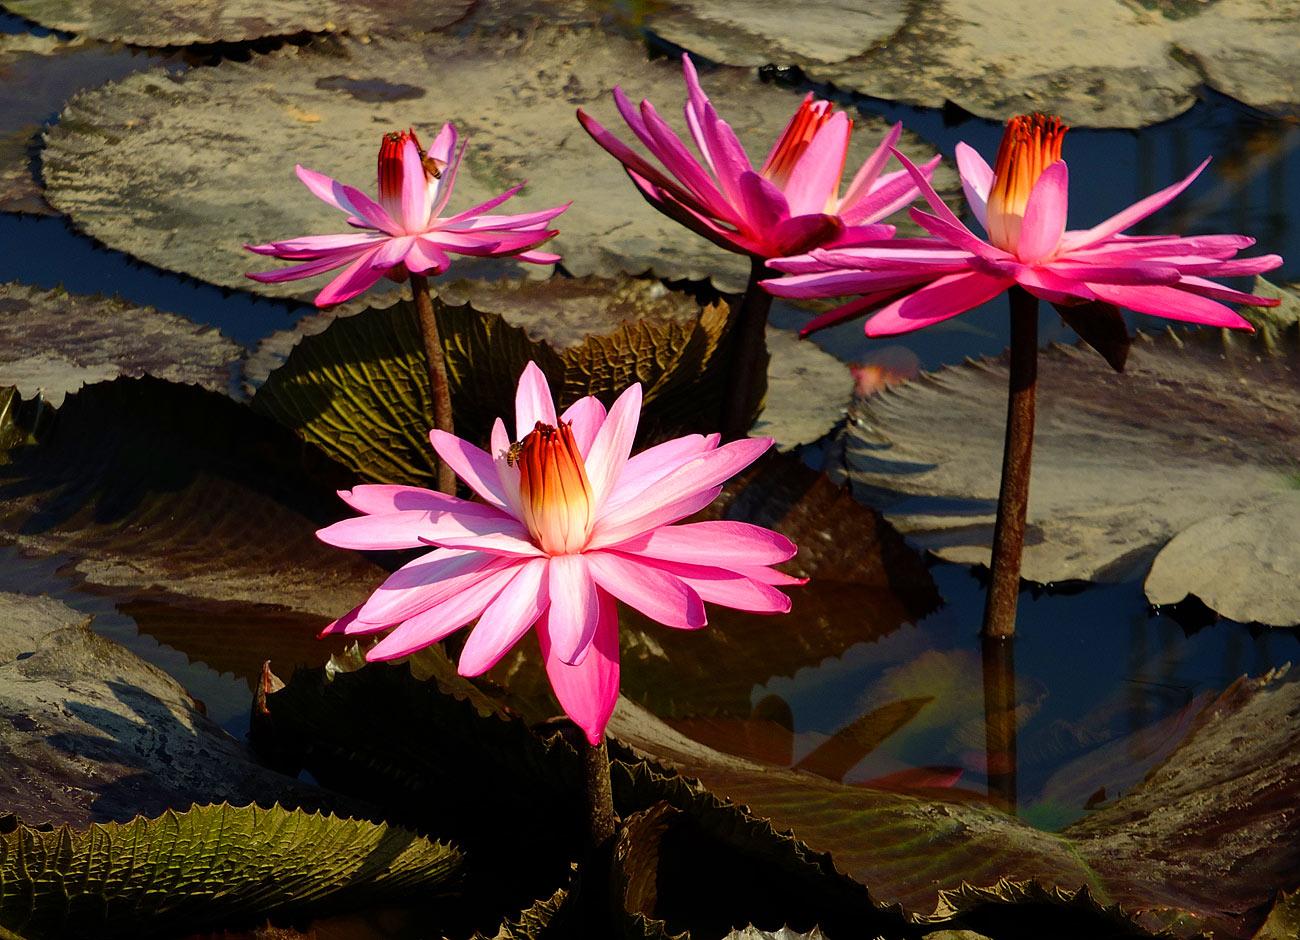 водяные лилии нимфеи фото